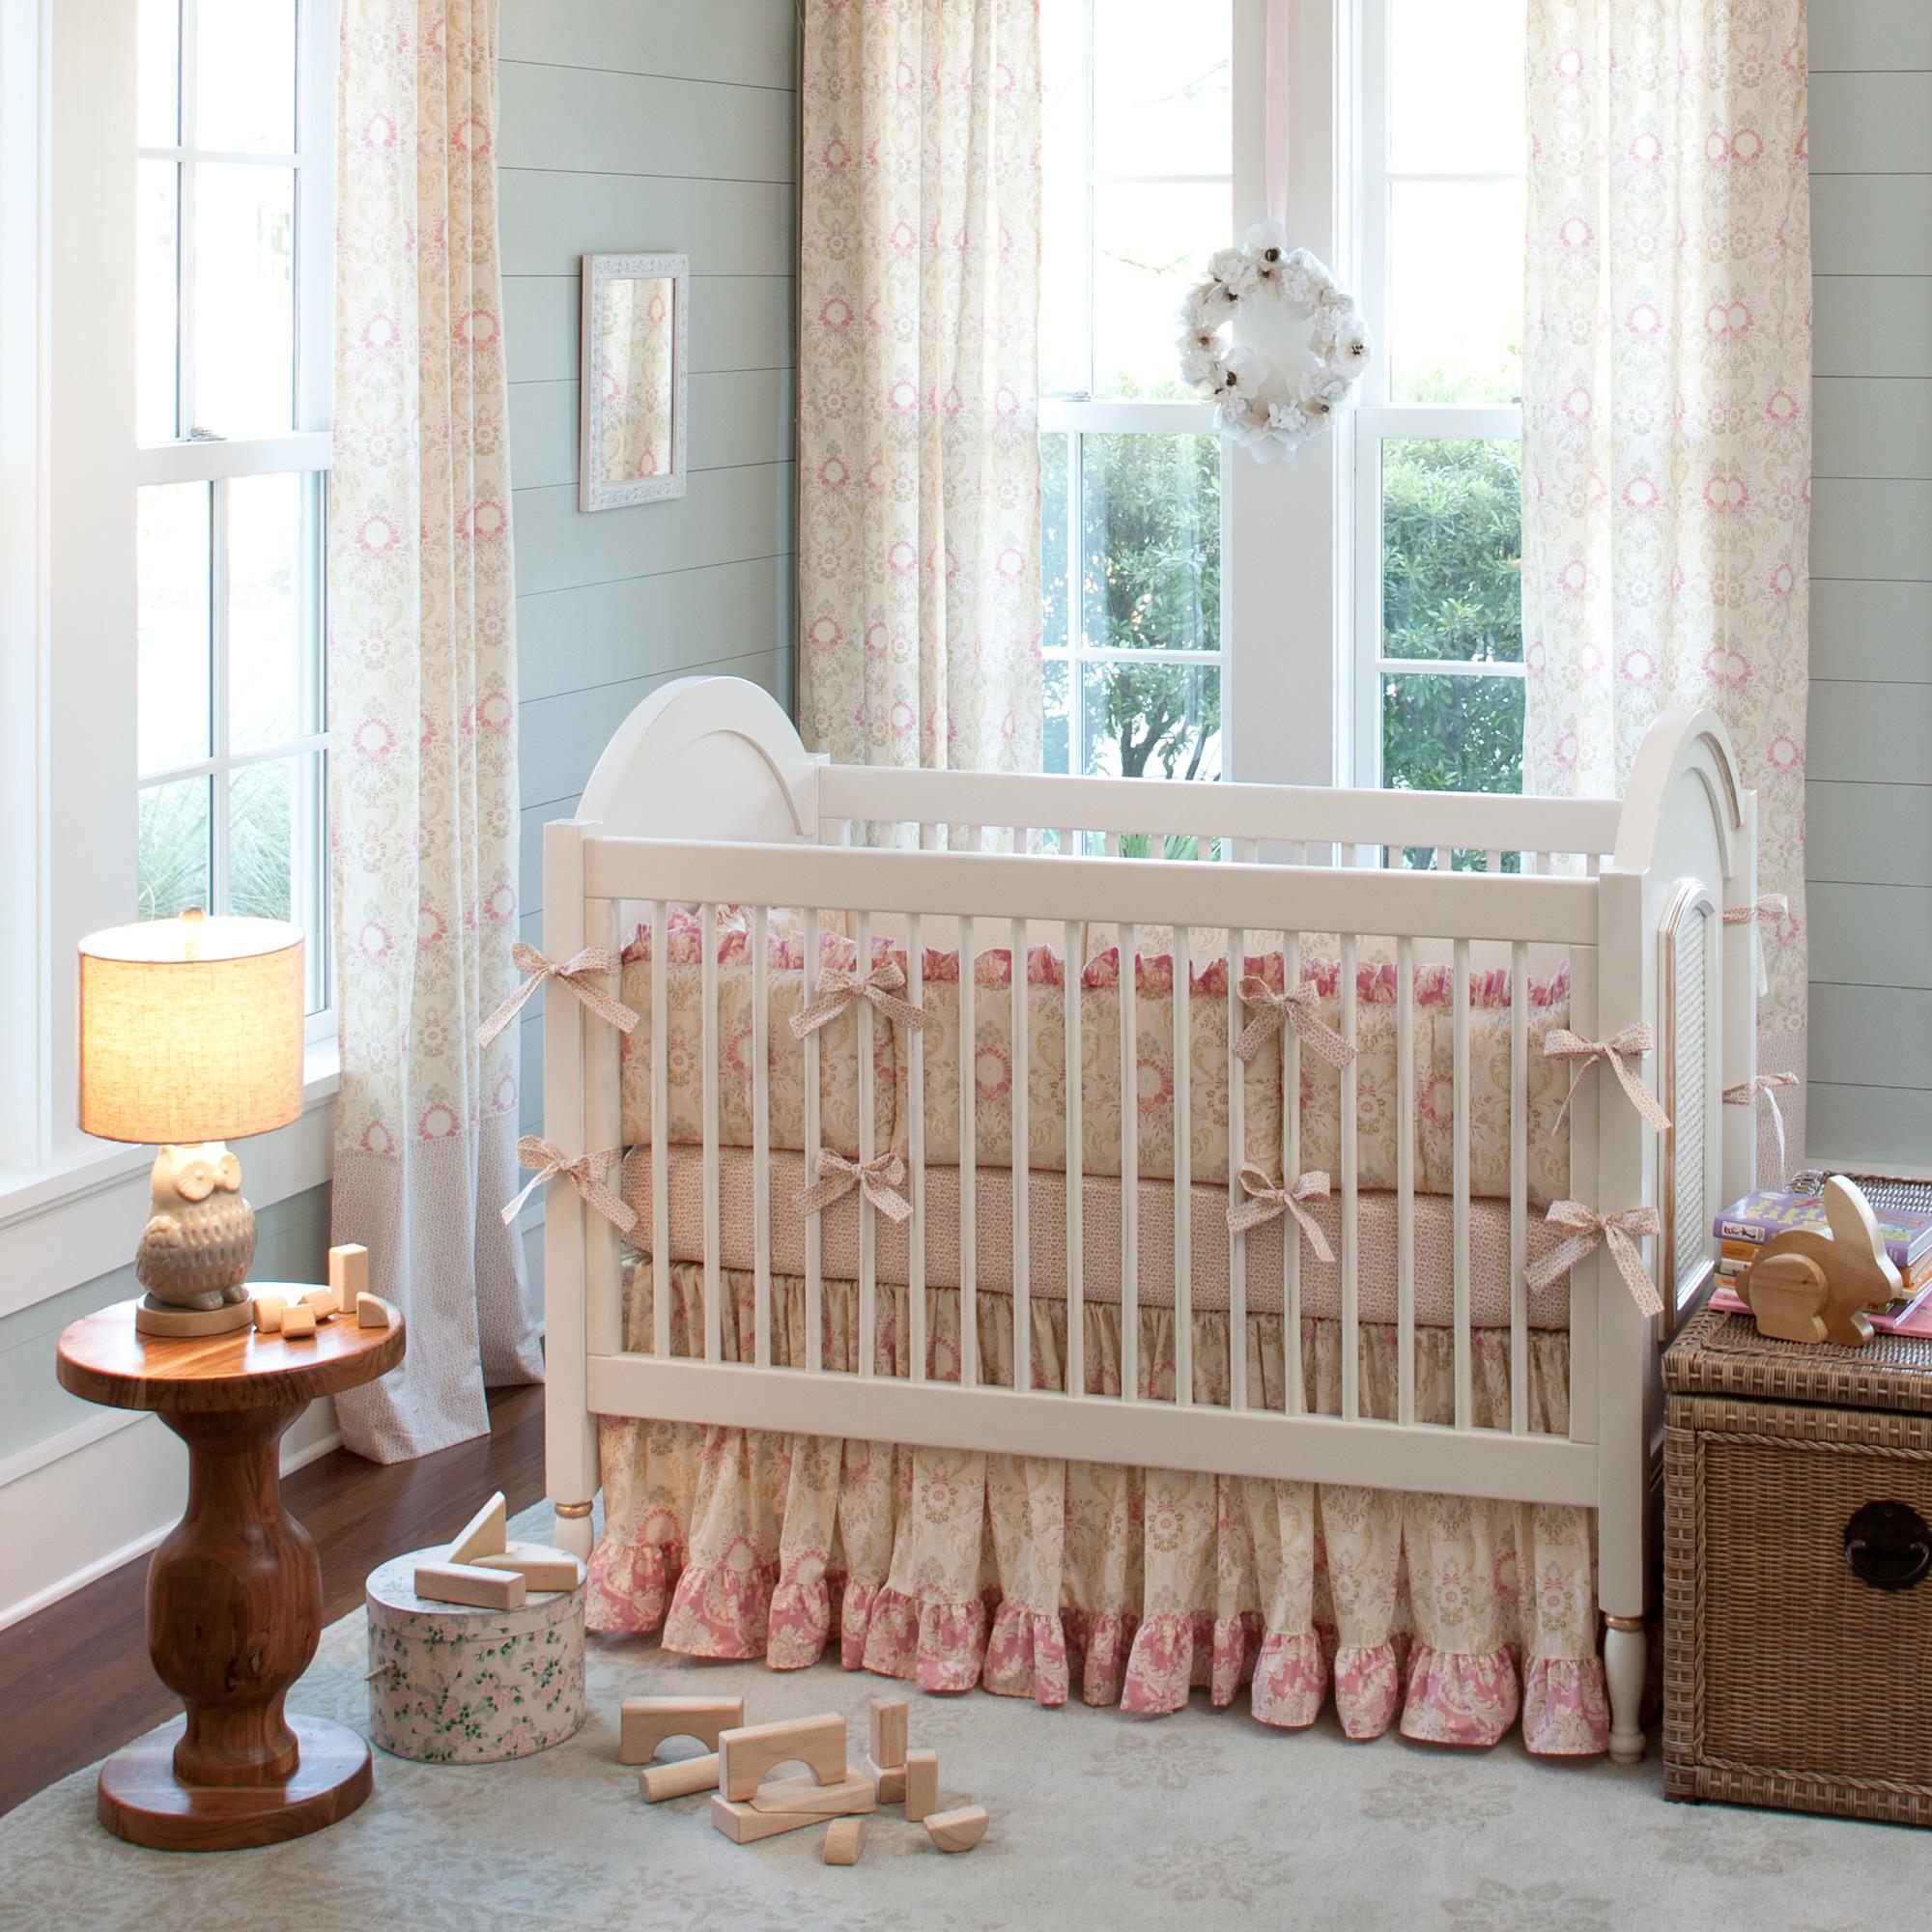 Декор детской кроватки с рюшами